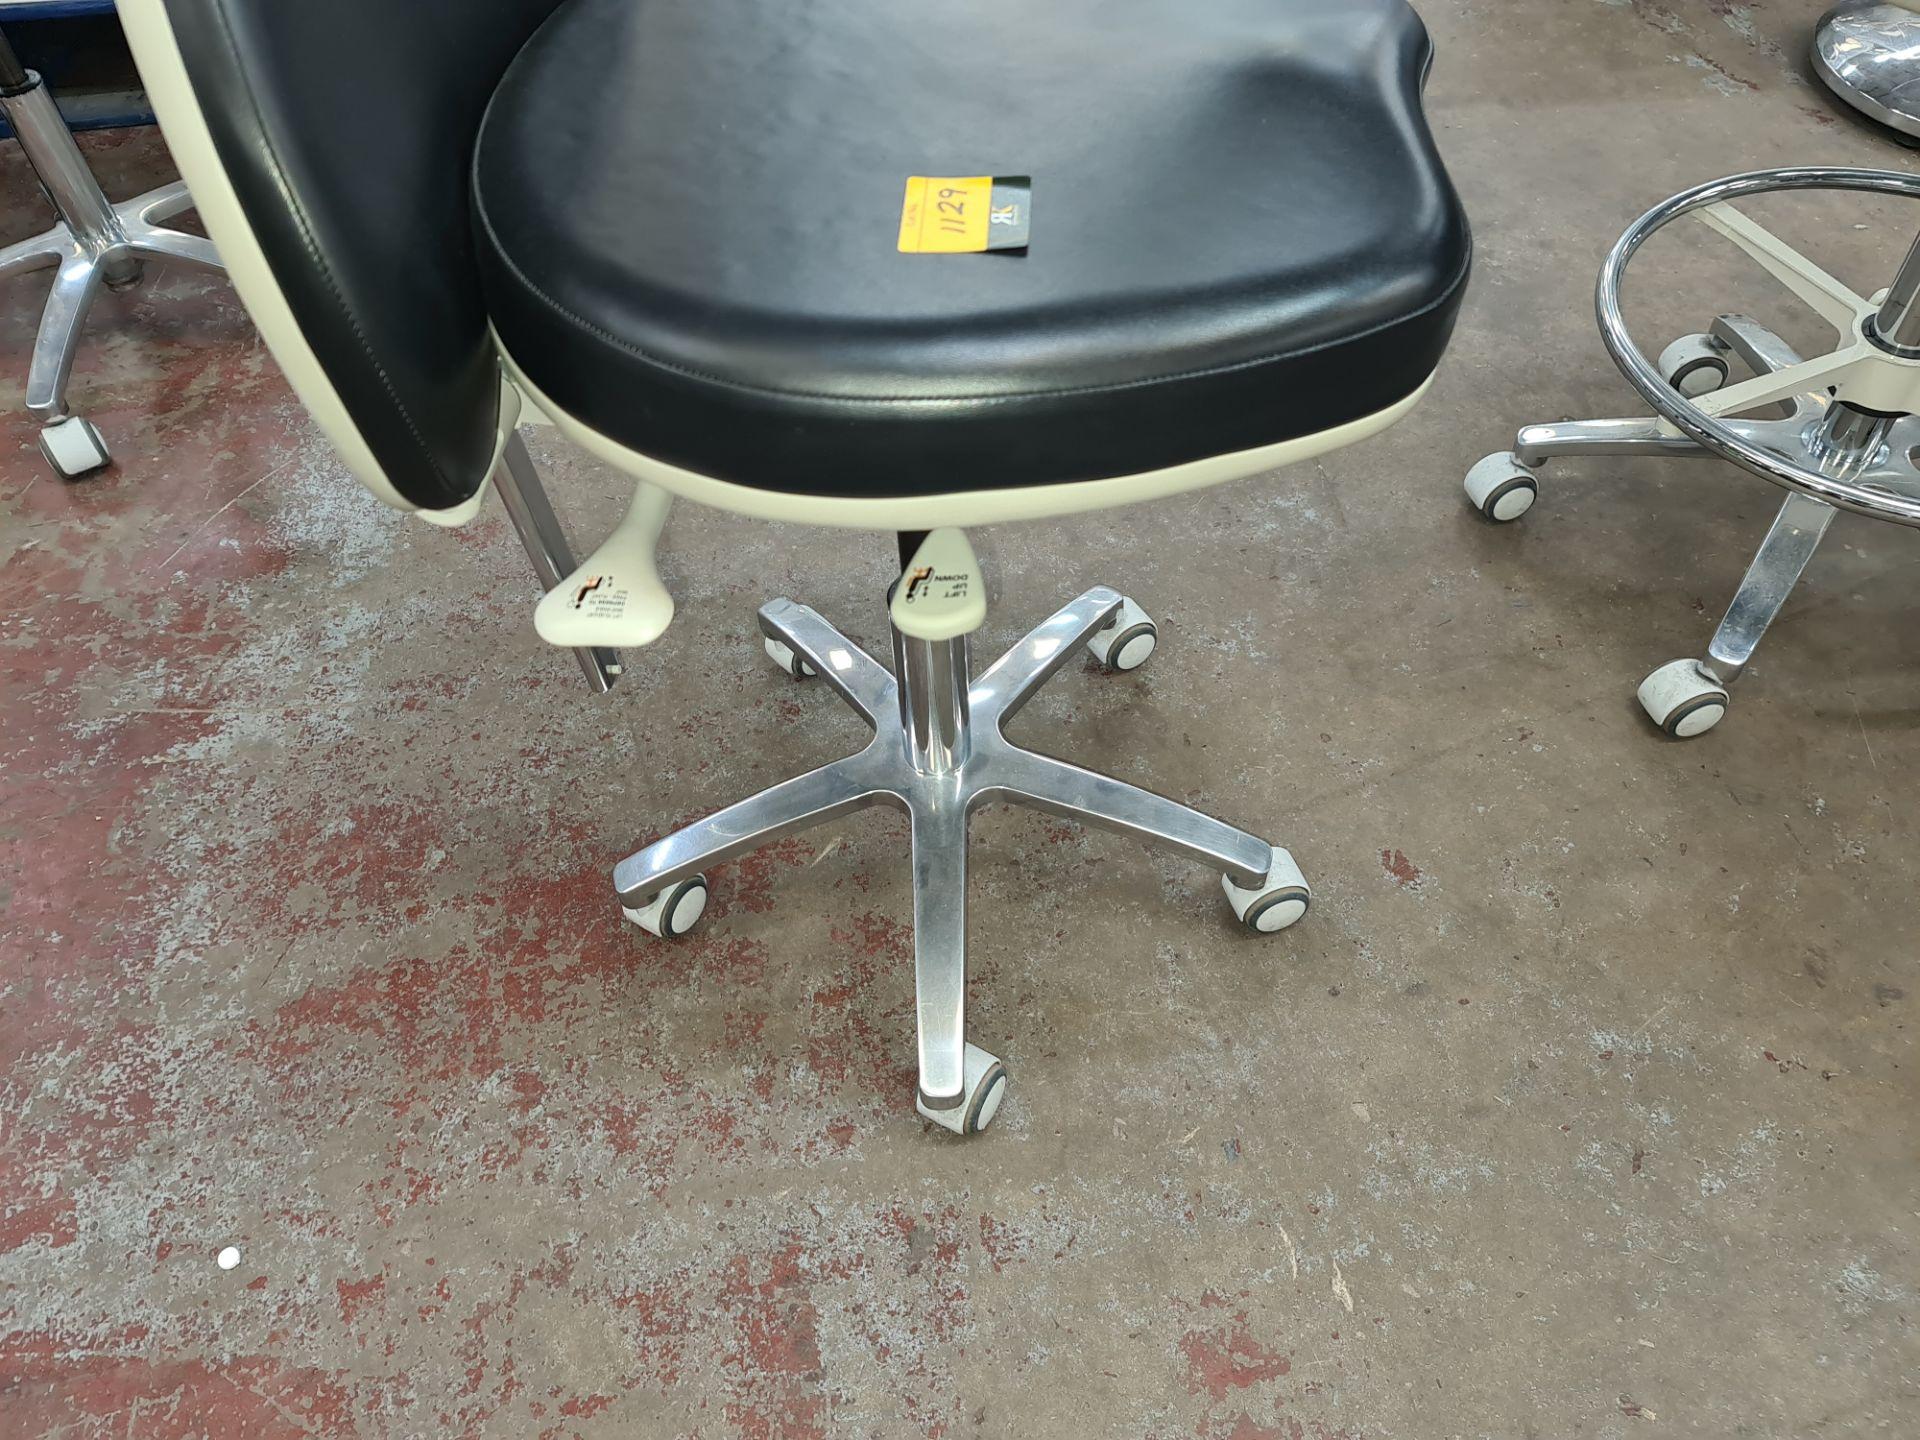 Murray multi-adjustable dental stool - Image 4 of 5